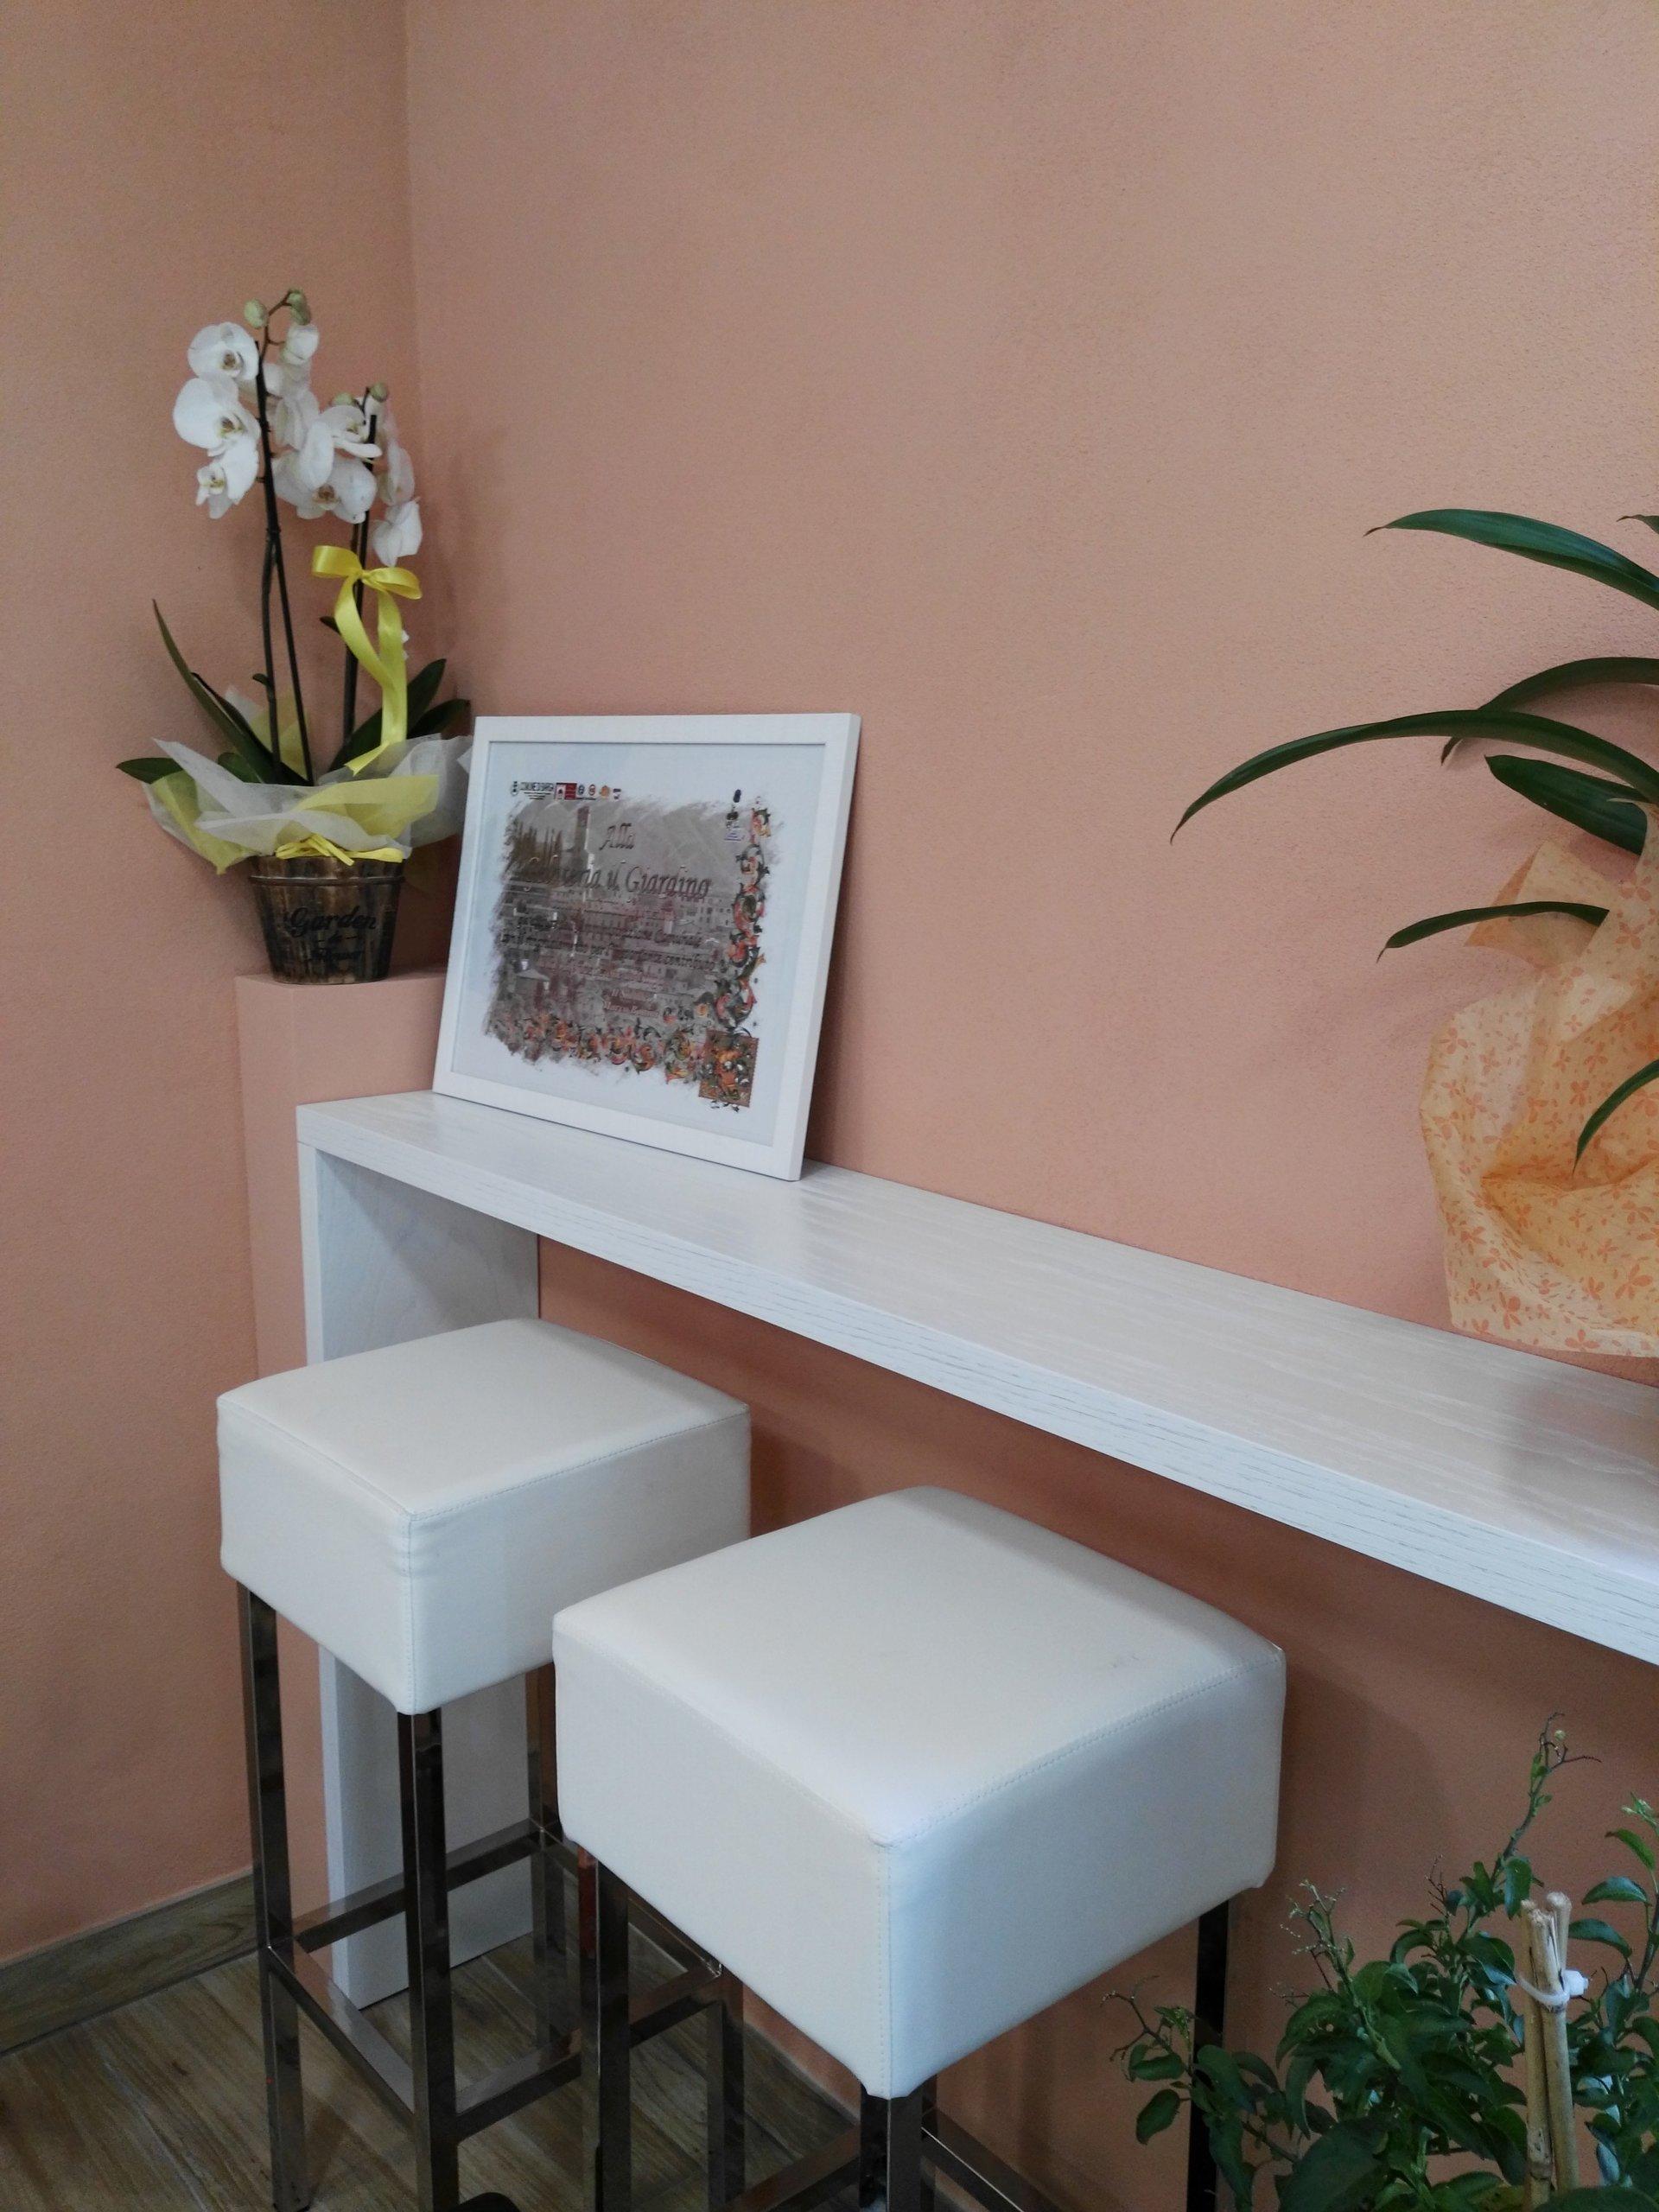 Interno della gelateria con tavolo e sgabelli bianchi